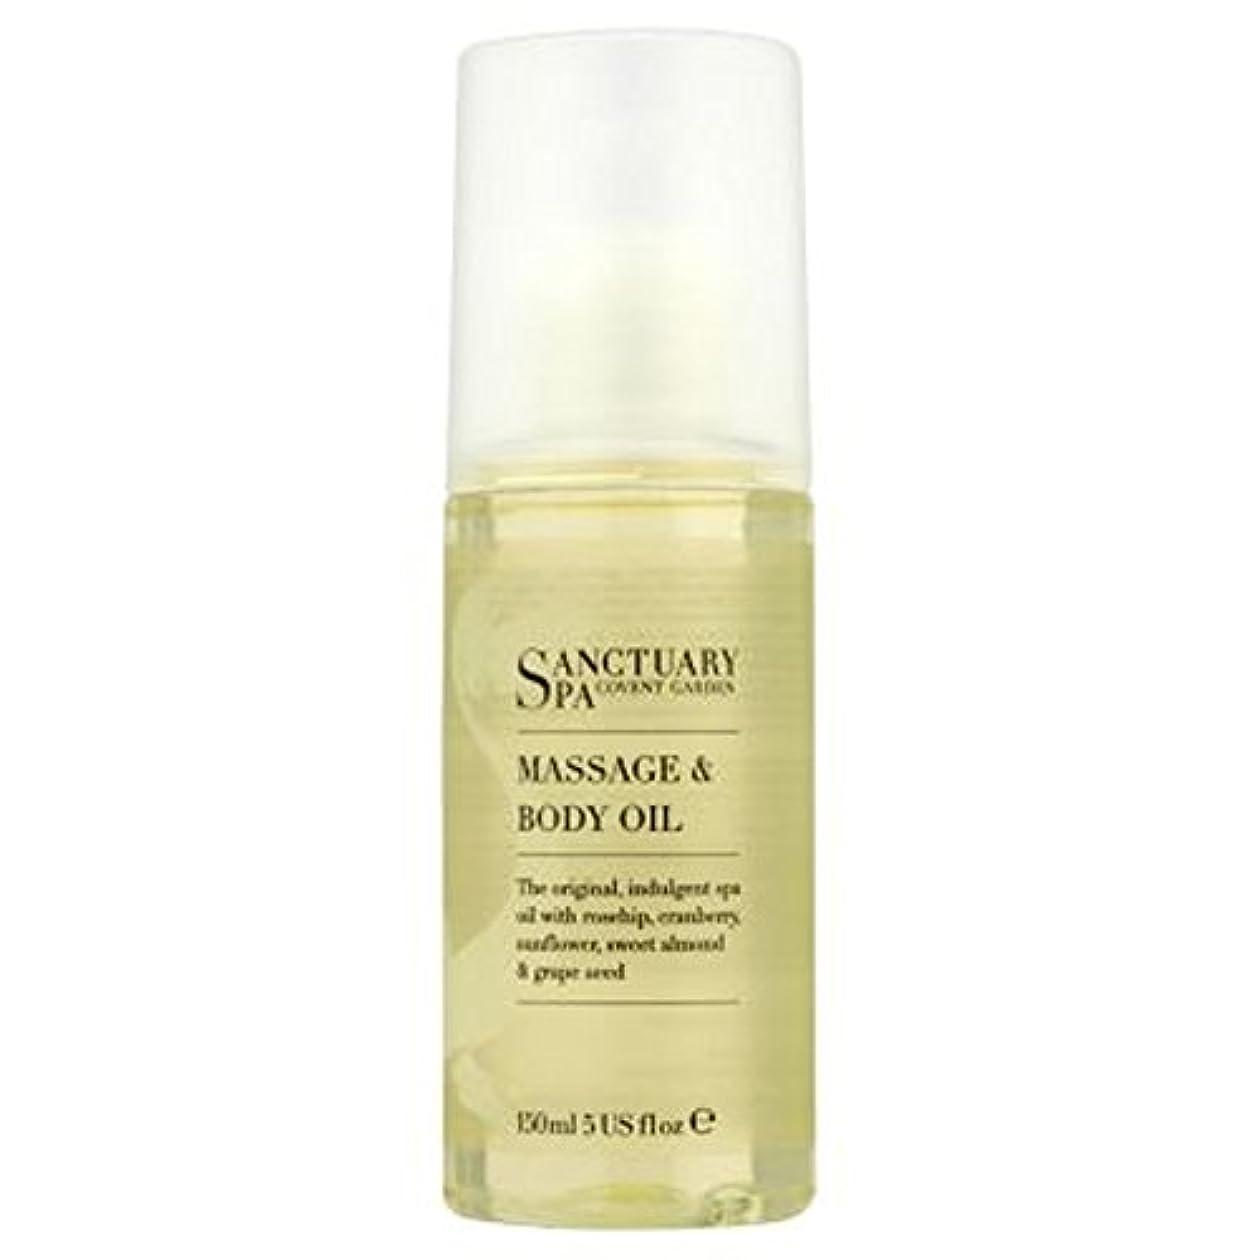 悪性腫瘍国民投票びっくりした聖域毎日のスパエスケープマッサージやボディオイル - 150ミリリットル (Sanctuary) (x2) - Sanctuary Daily Spa Escape Massage and Body Oil - 150ml...